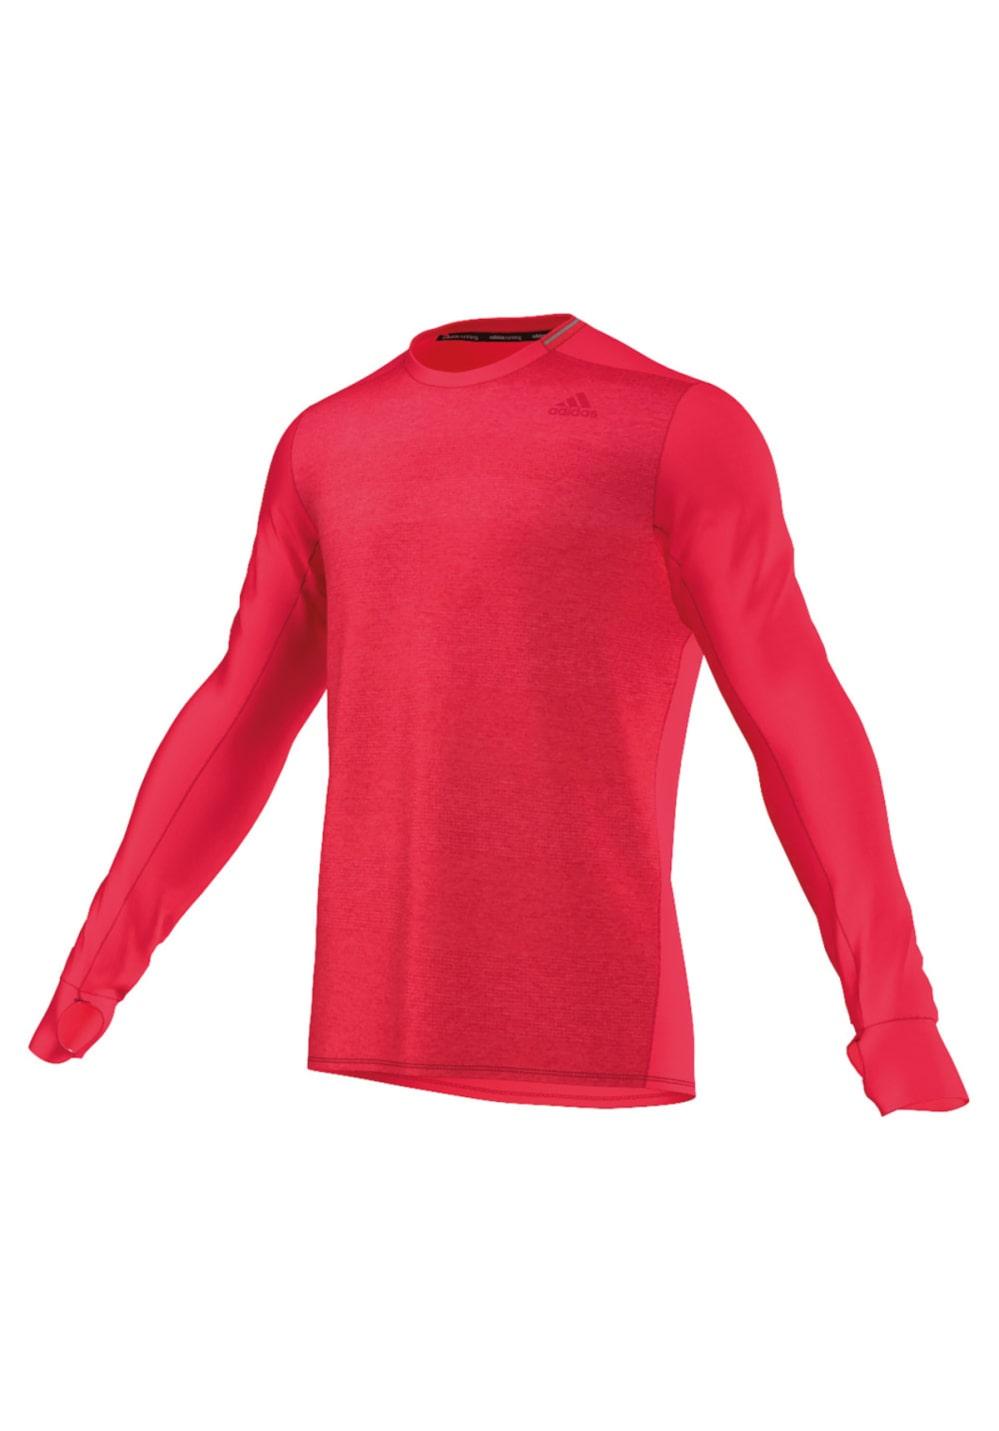 Artikel klicken und genauer betrachten! - Adidas Supernova Long Sleeve - CLIMALITE: Leichtes, weiches Gewebe für exzellentes Feuchtigkeitsmanagement - Daumenloch für warme Hände. - Reflektierende Details für erhöhte Sicherheit. - Regular Fit. 100% Polyester // 100% Polyester   im Online Shop kaufen